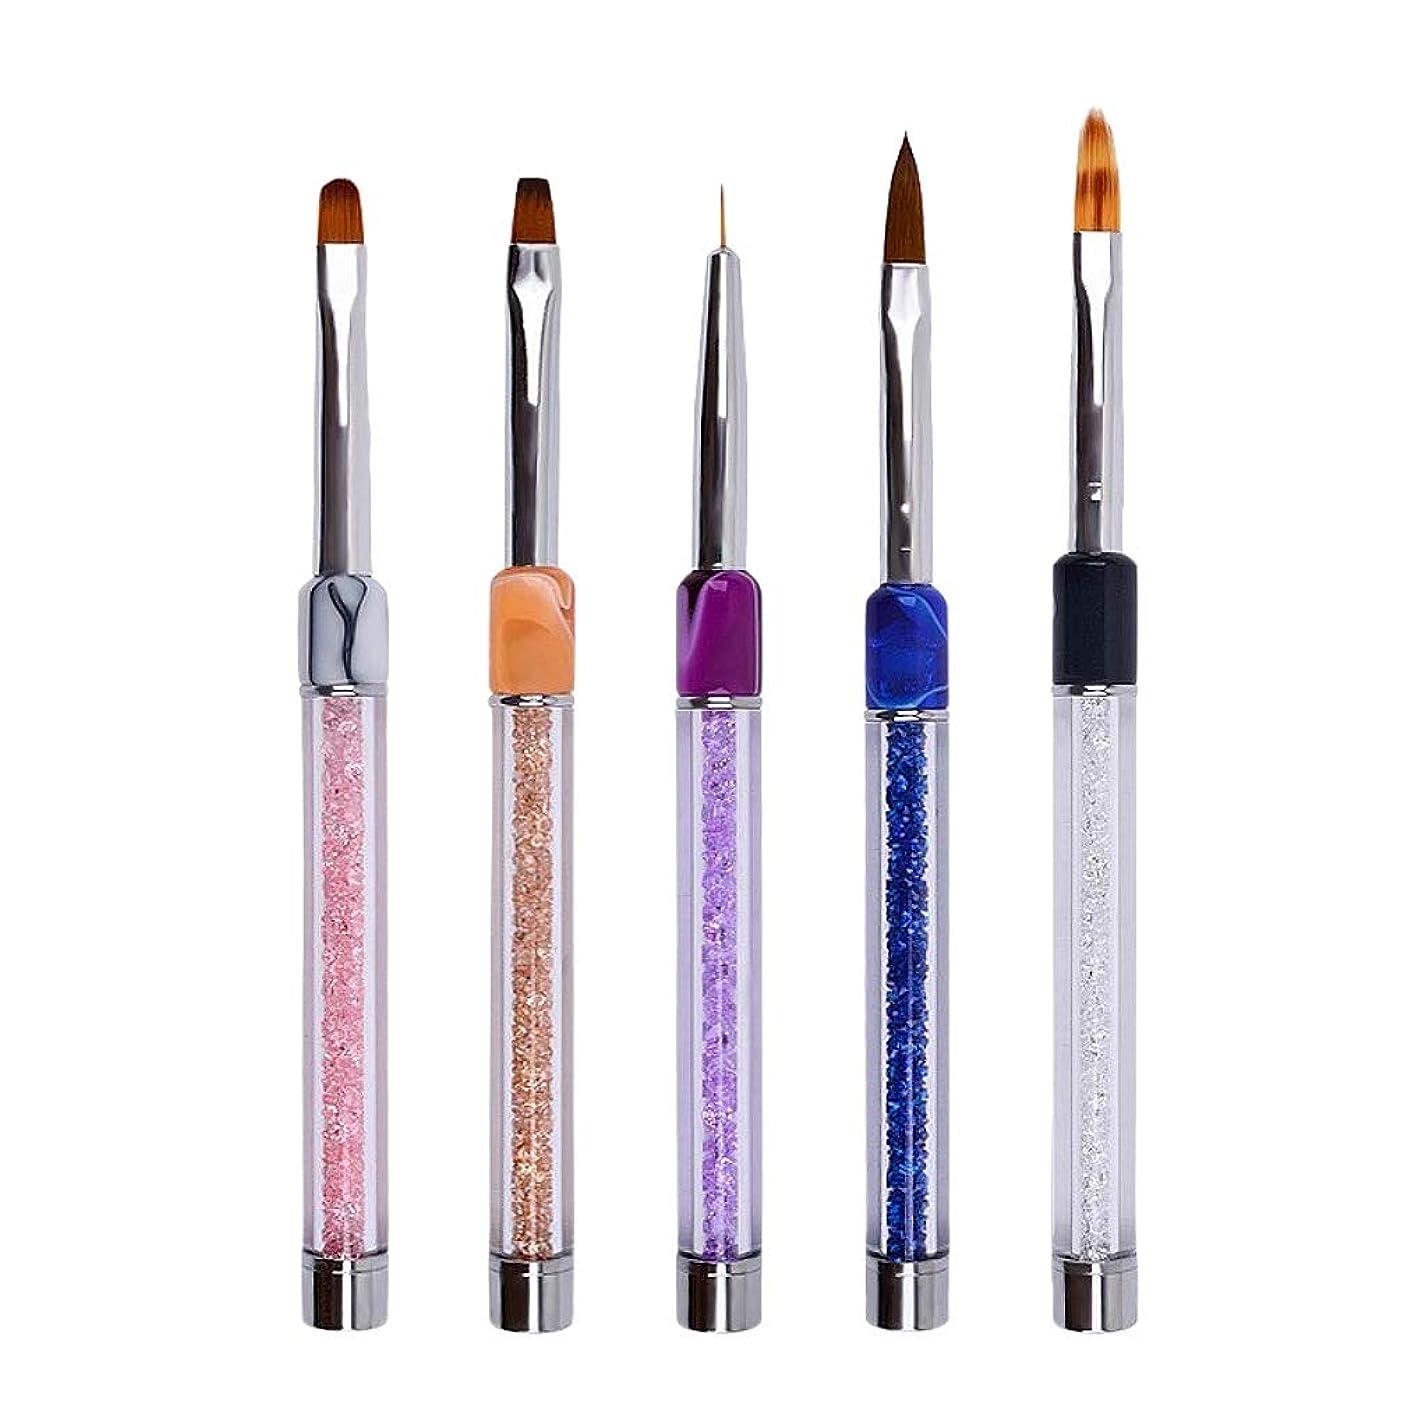 フォーラムハグテーブルを設定するB Blesiya 5本 ネイルアートペン ネイルブラシ UVジェル プロ ネイルサロン